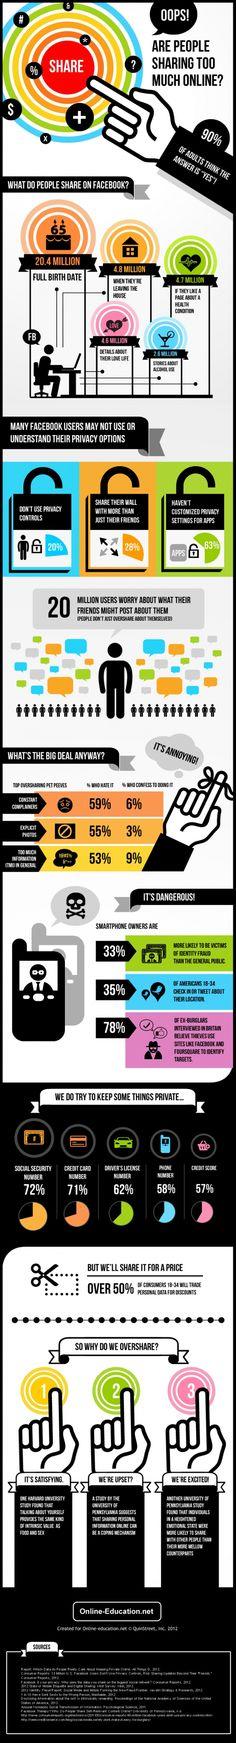 Compartimos demasiado online? #Infografia